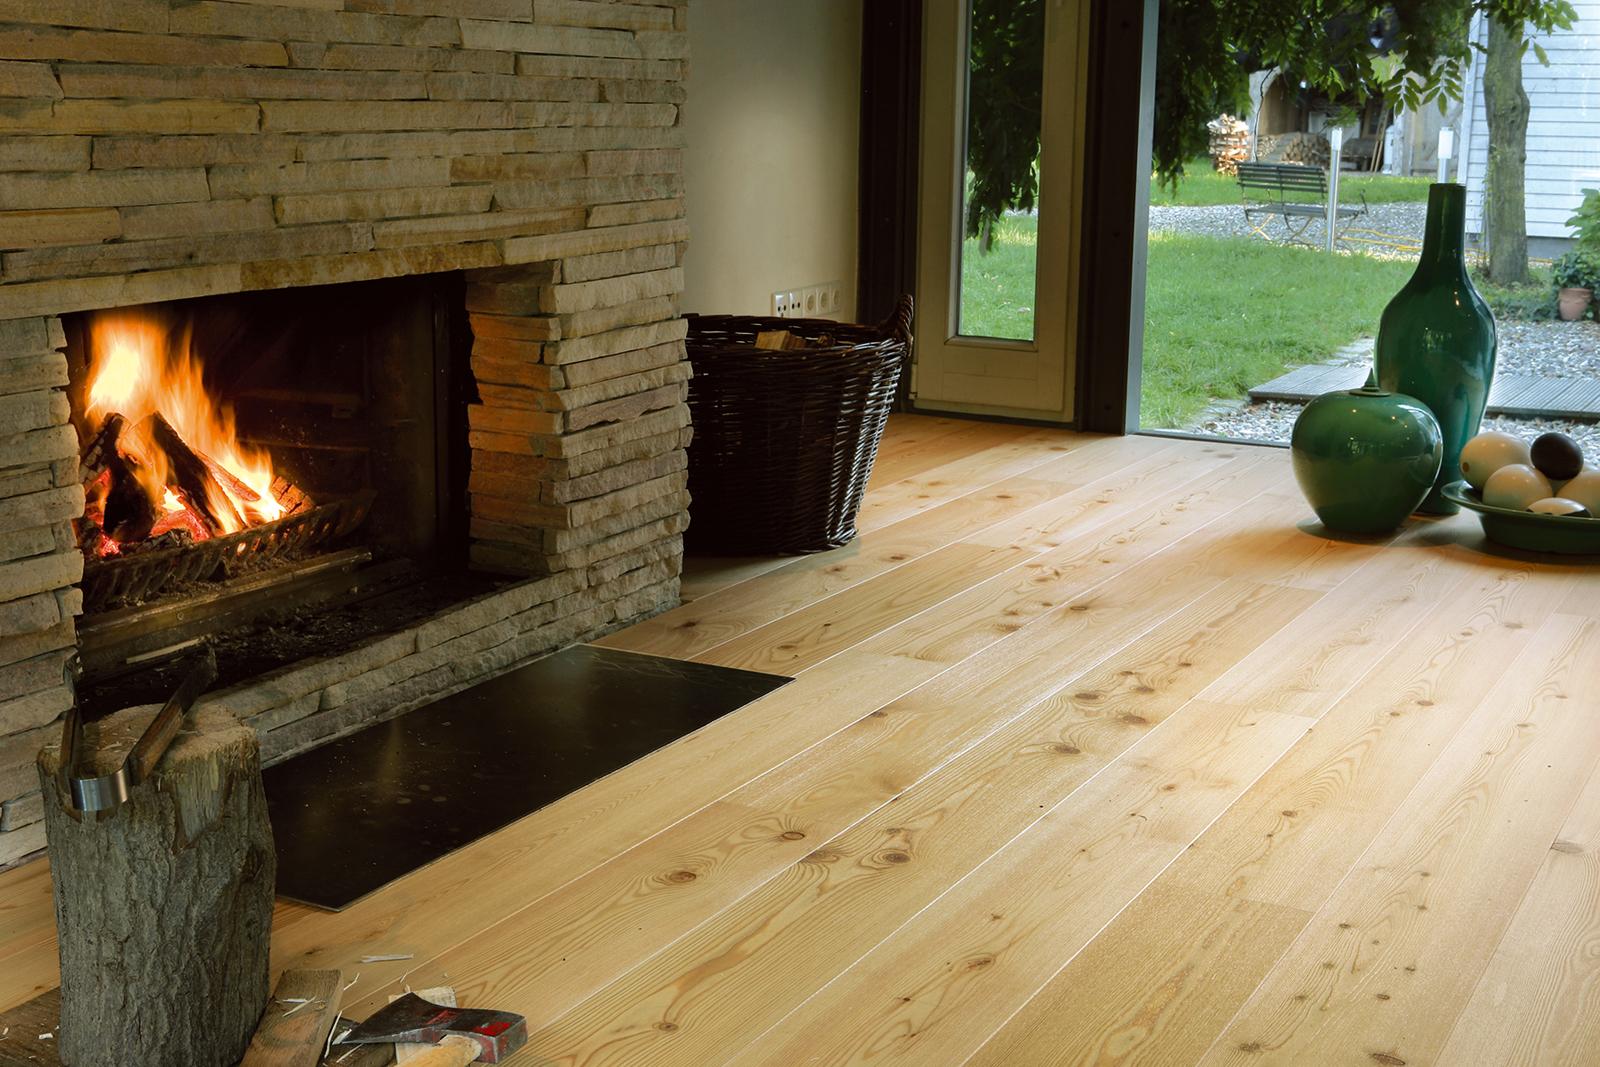 526110 haro parkett landhausdiele 4000 l rche markant strukturiert 4v fase natur ge lt. Black Bedroom Furniture Sets. Home Design Ideas